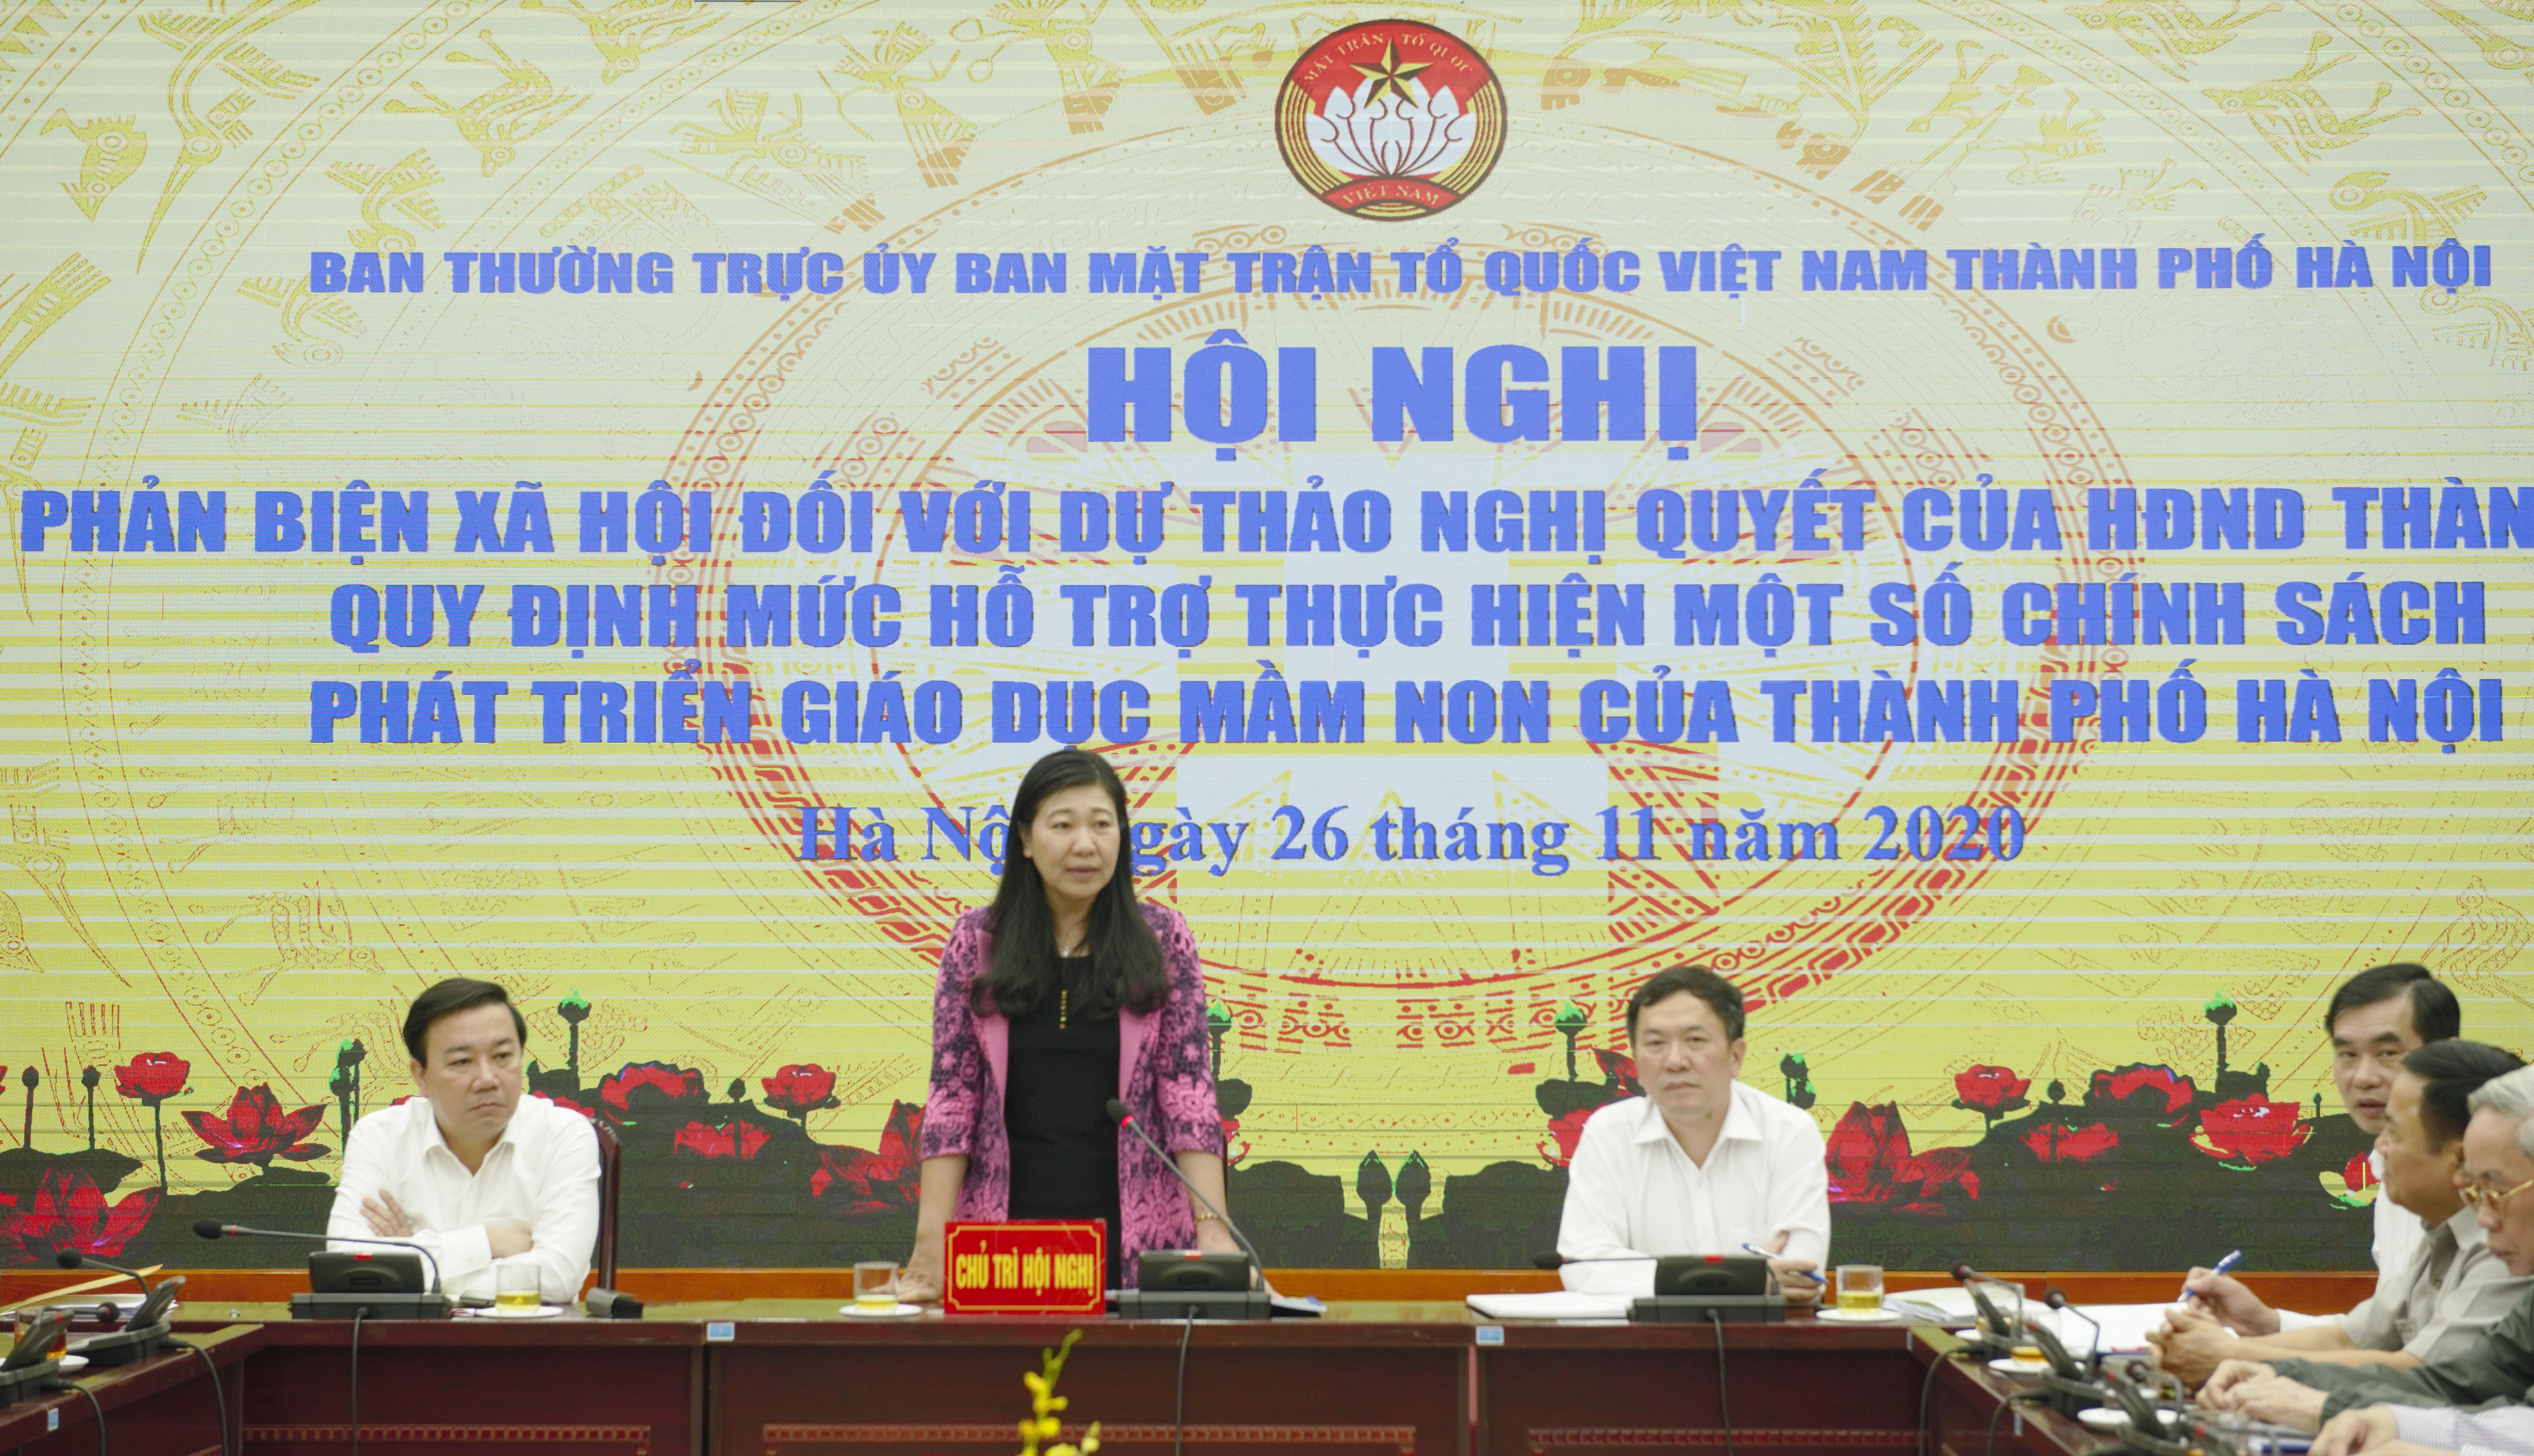 Bà Nguyễn Lan Hương, Chủ tịch UBMTTQ Thành phố Hà Nội phát biểu.